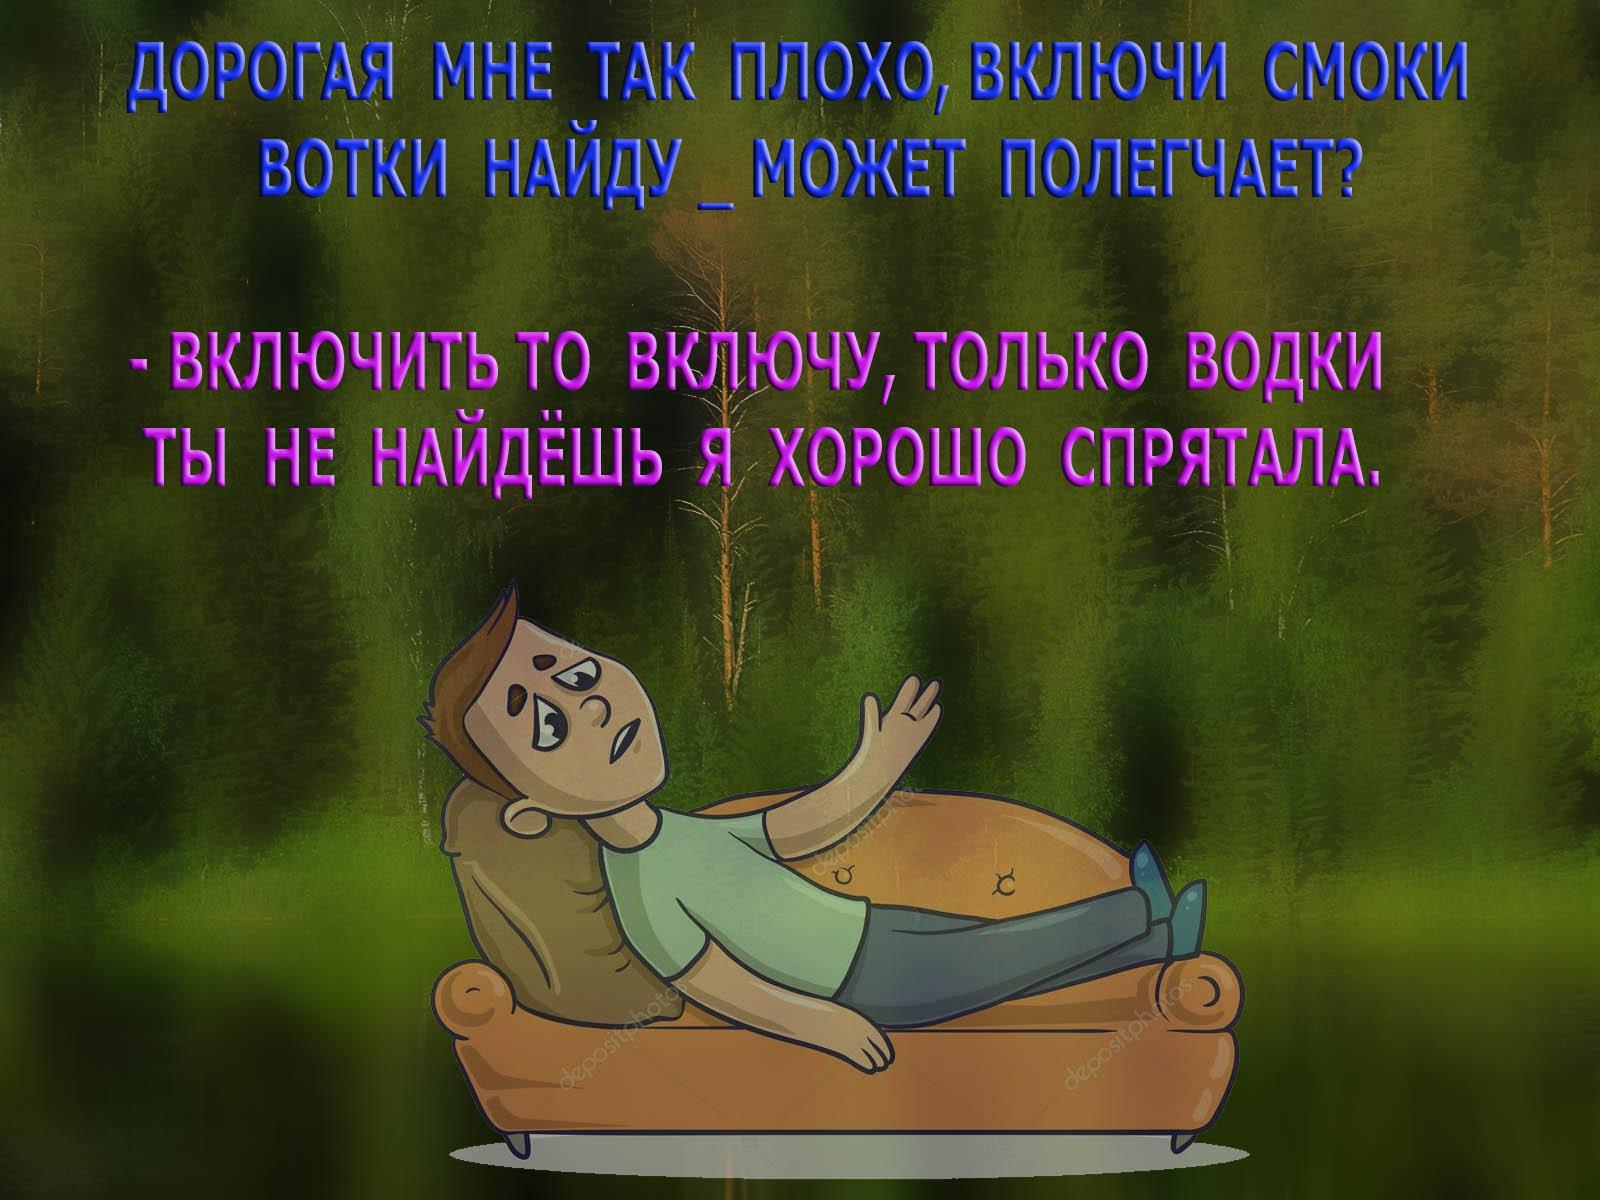 http://images.vfl.ru/ii/1624385595/d9fe6664/34914275.jpg